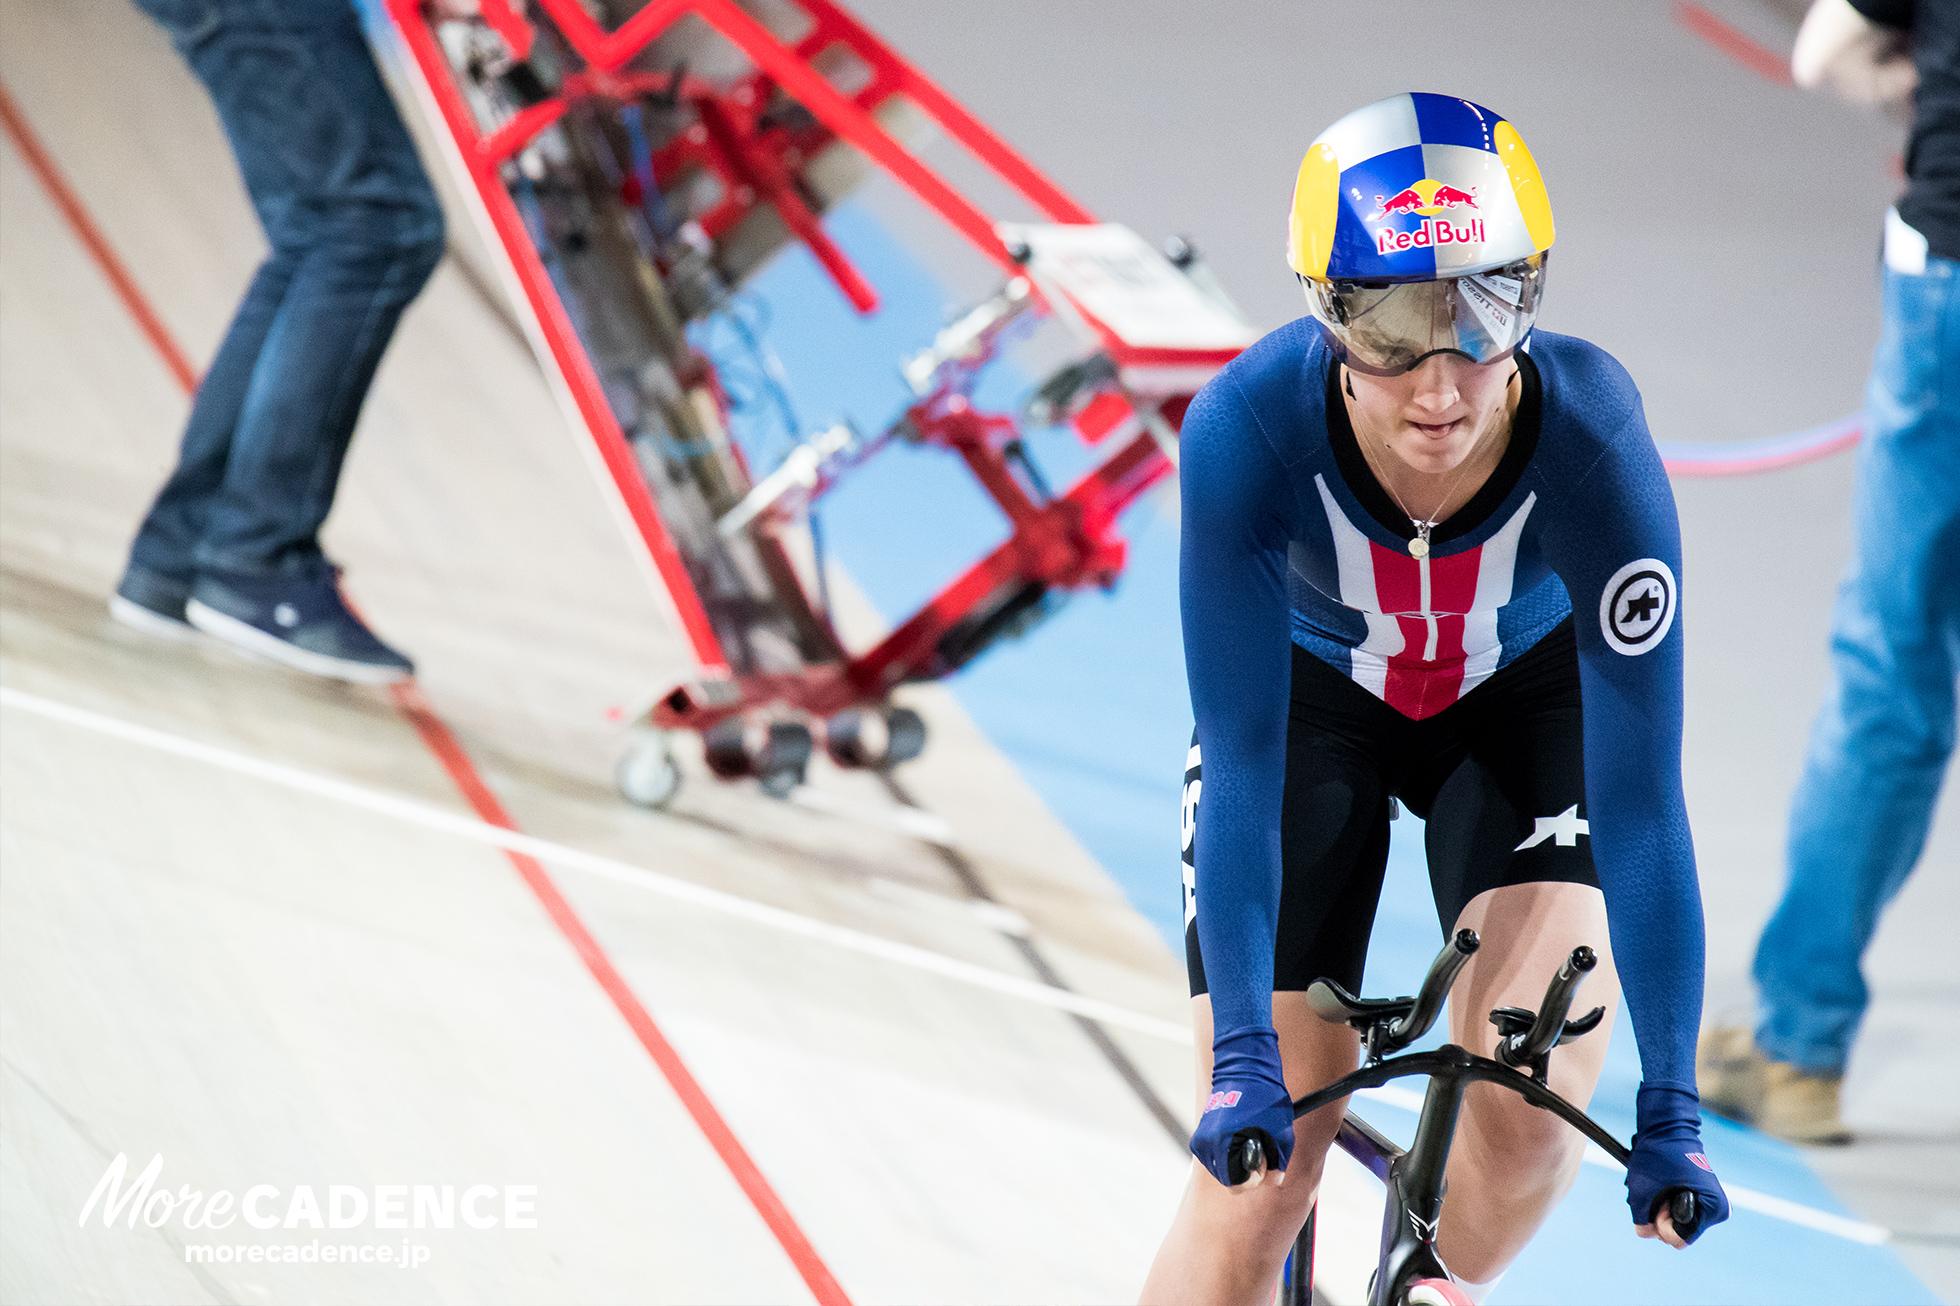 女子チームパシュート予選アメリカが圧倒・日本は敗退/UCIトラック競技世界選手権大会2018